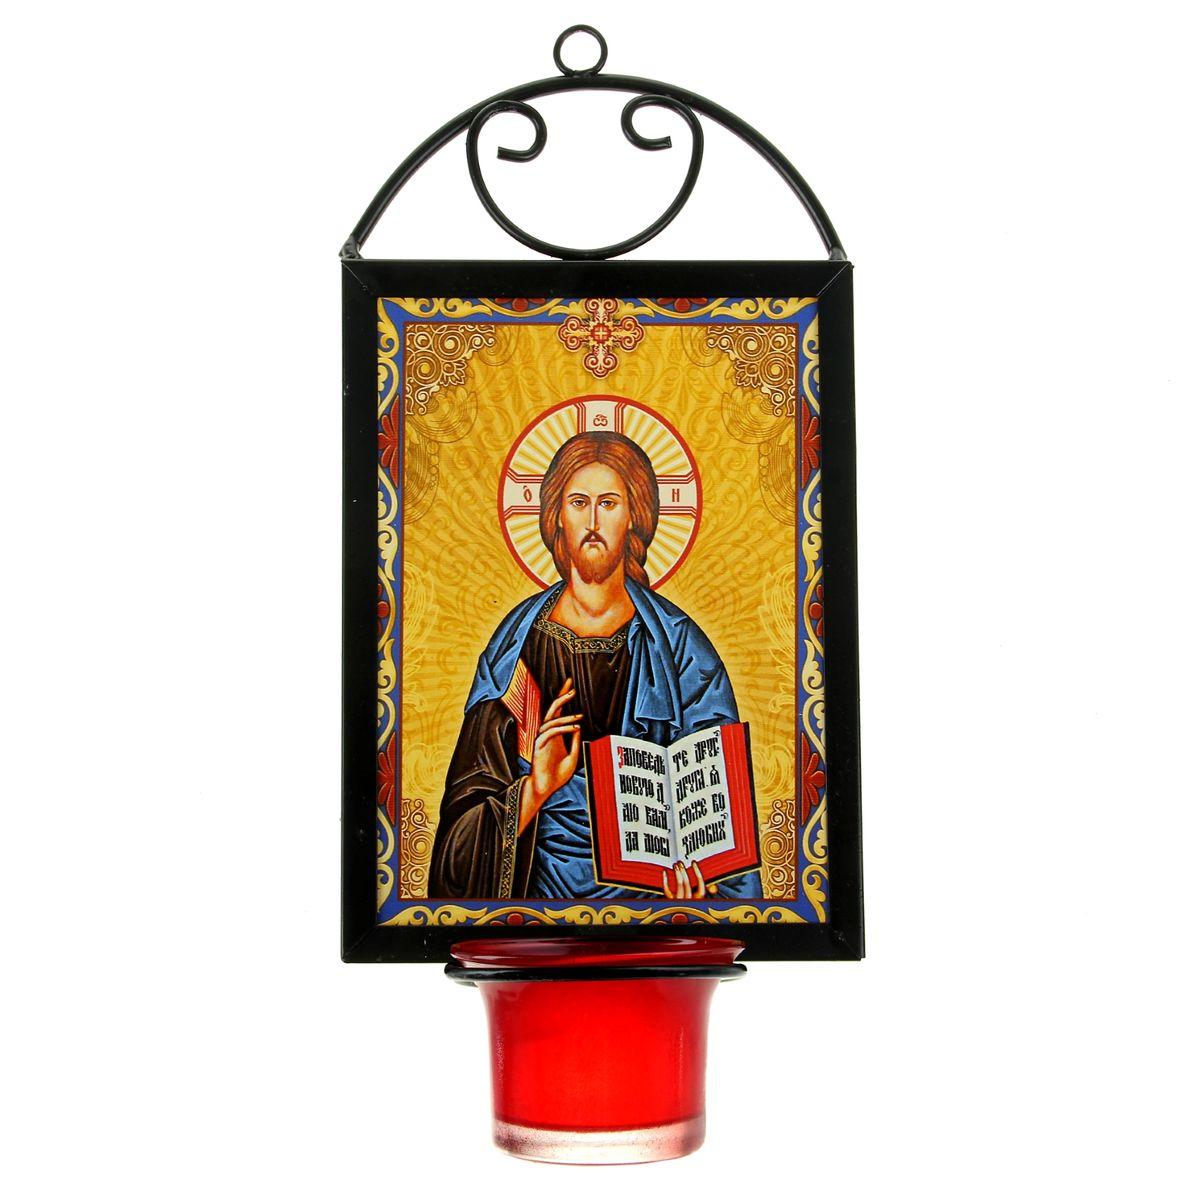 Икона Господь Вседержитель, с лампадой, 12 х 22 см54 009312Икона Господь Вседержитель выполнена из керамики в металлической рамке. Внизу рамки имеется отверстие для лампады, входящей в комплект. Изделие имеет петельку, благодаря которой икону удобно вешать на стену. Изображенный образ полностью соответствует канонам Русской Православной Церкви. Такая икона будет прекрасным подарком с духовной составляющей.